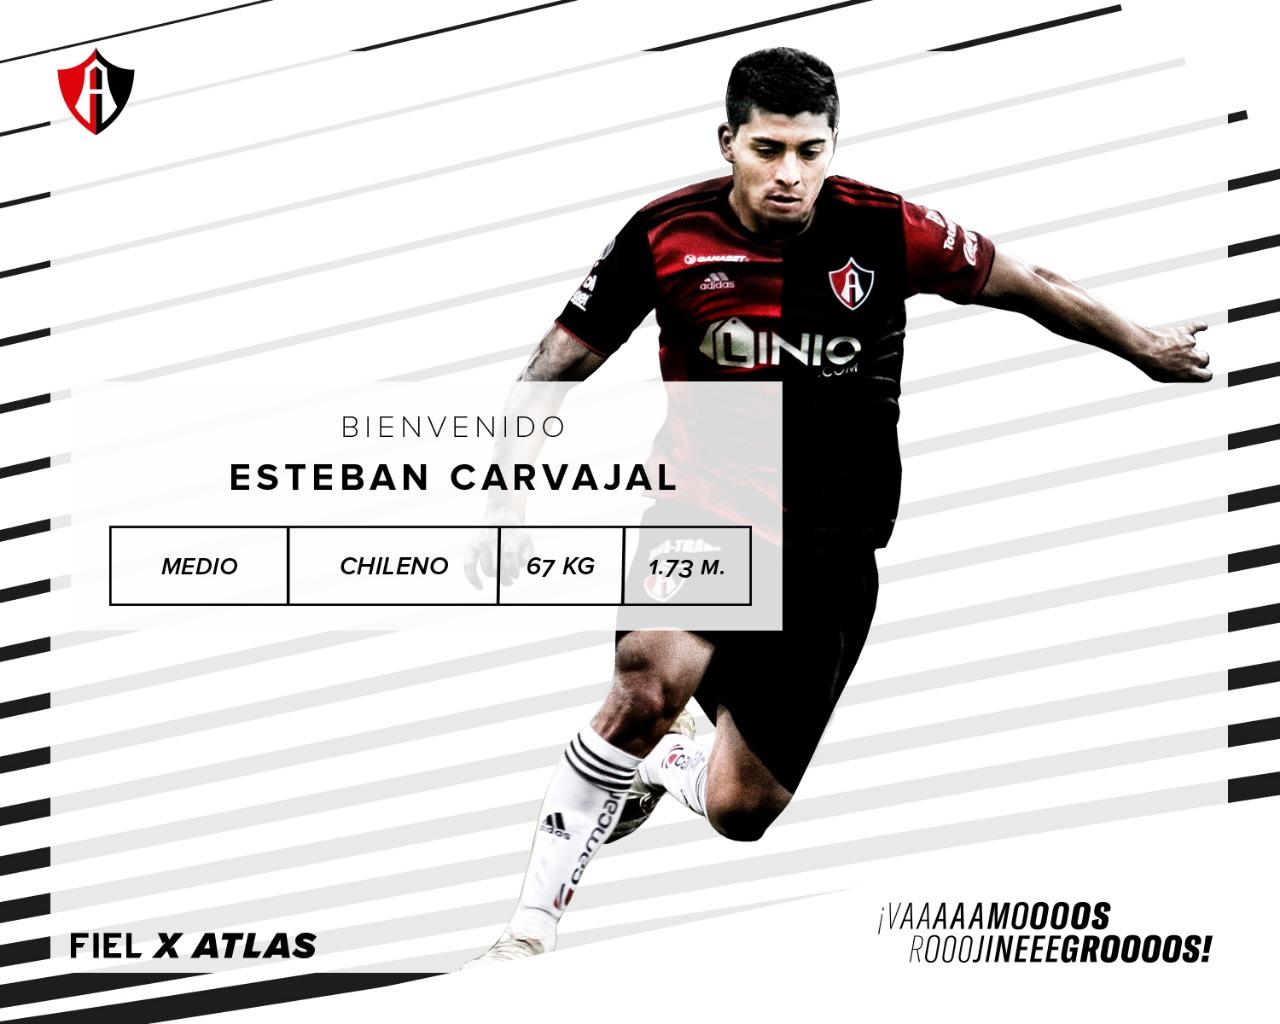 Esteban Carvajal es nuevo zorro